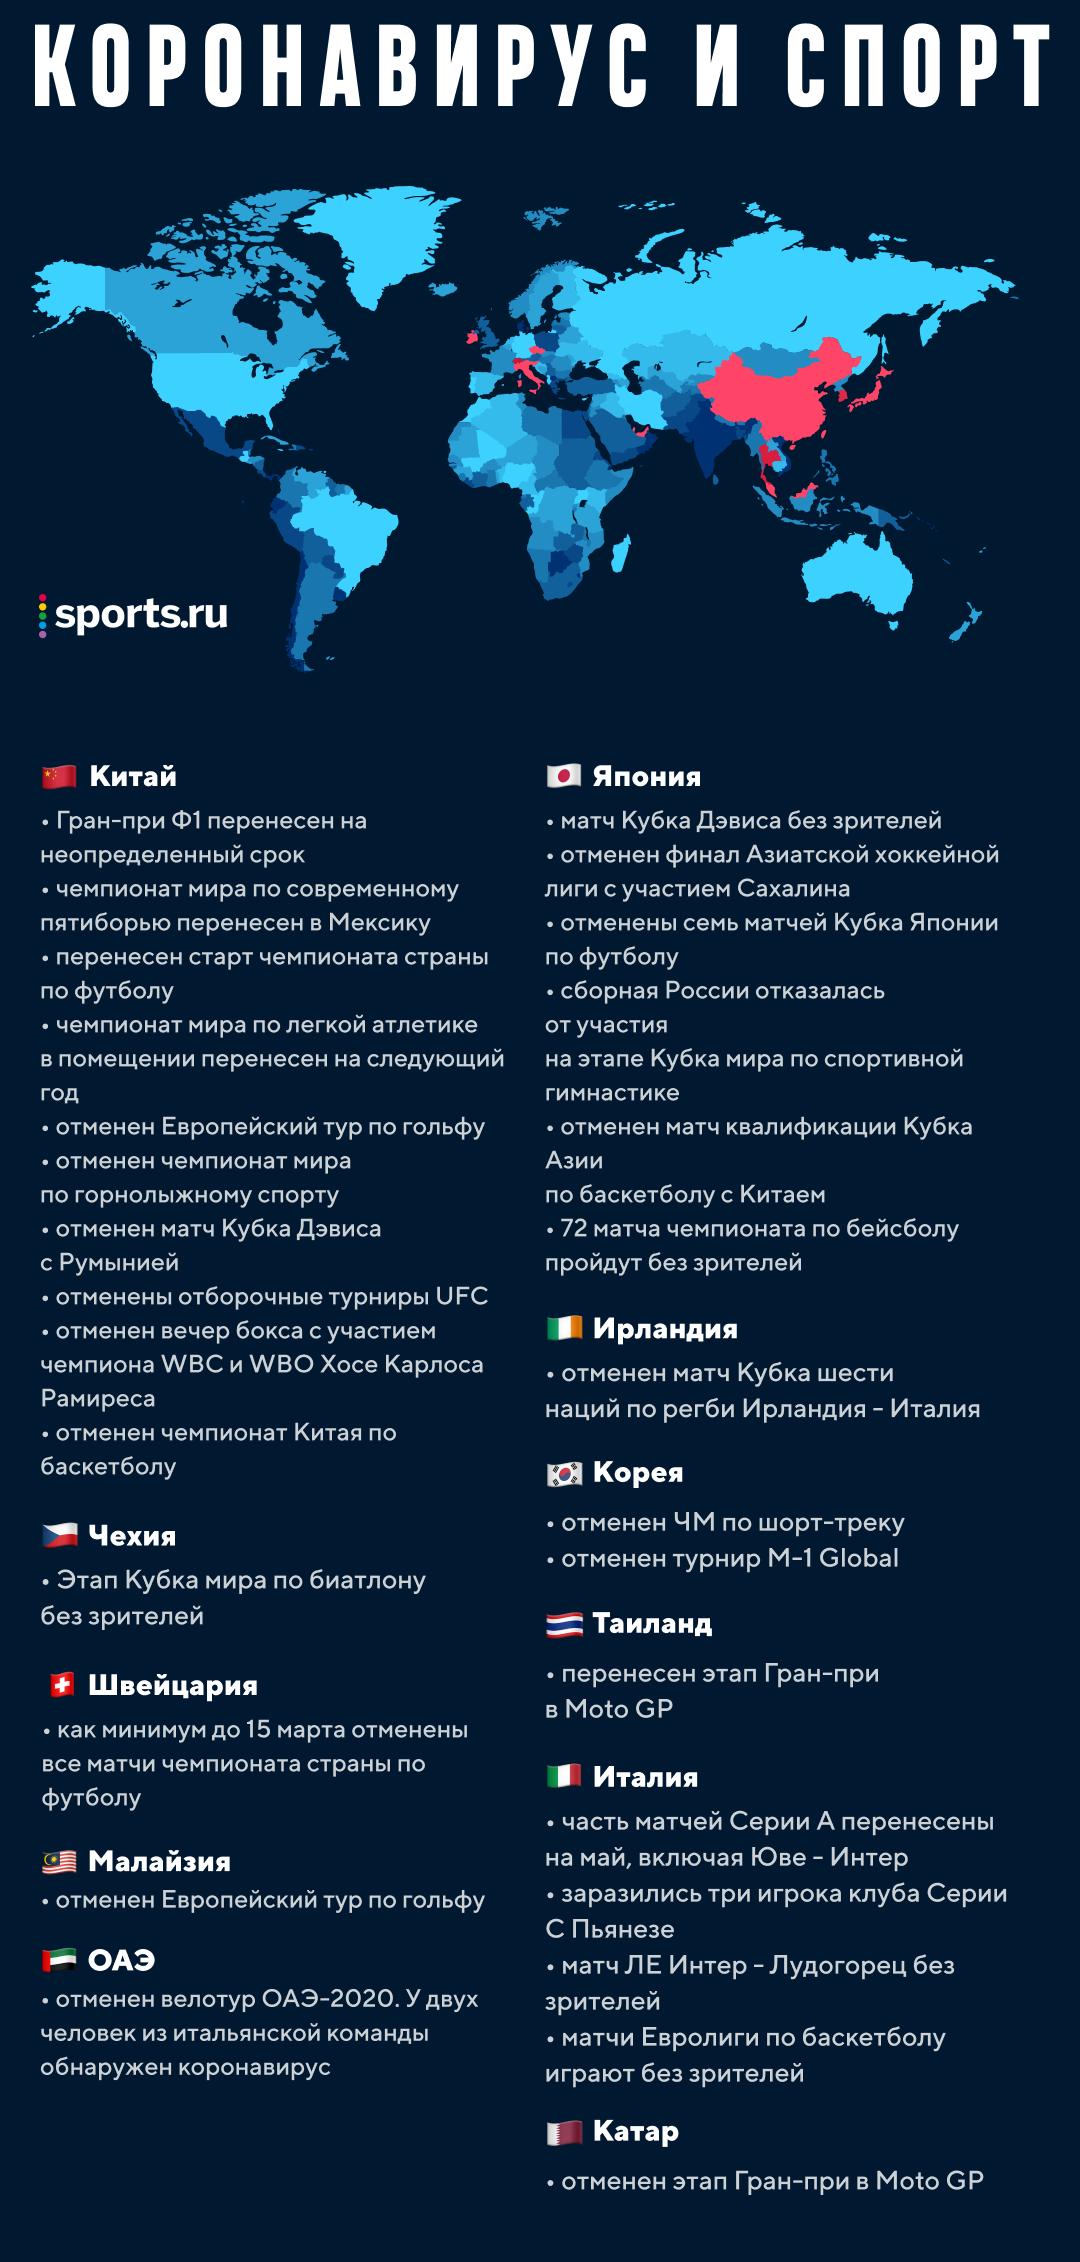 Карта влияния коронавируса на спорт. К сожалению, она обновляется